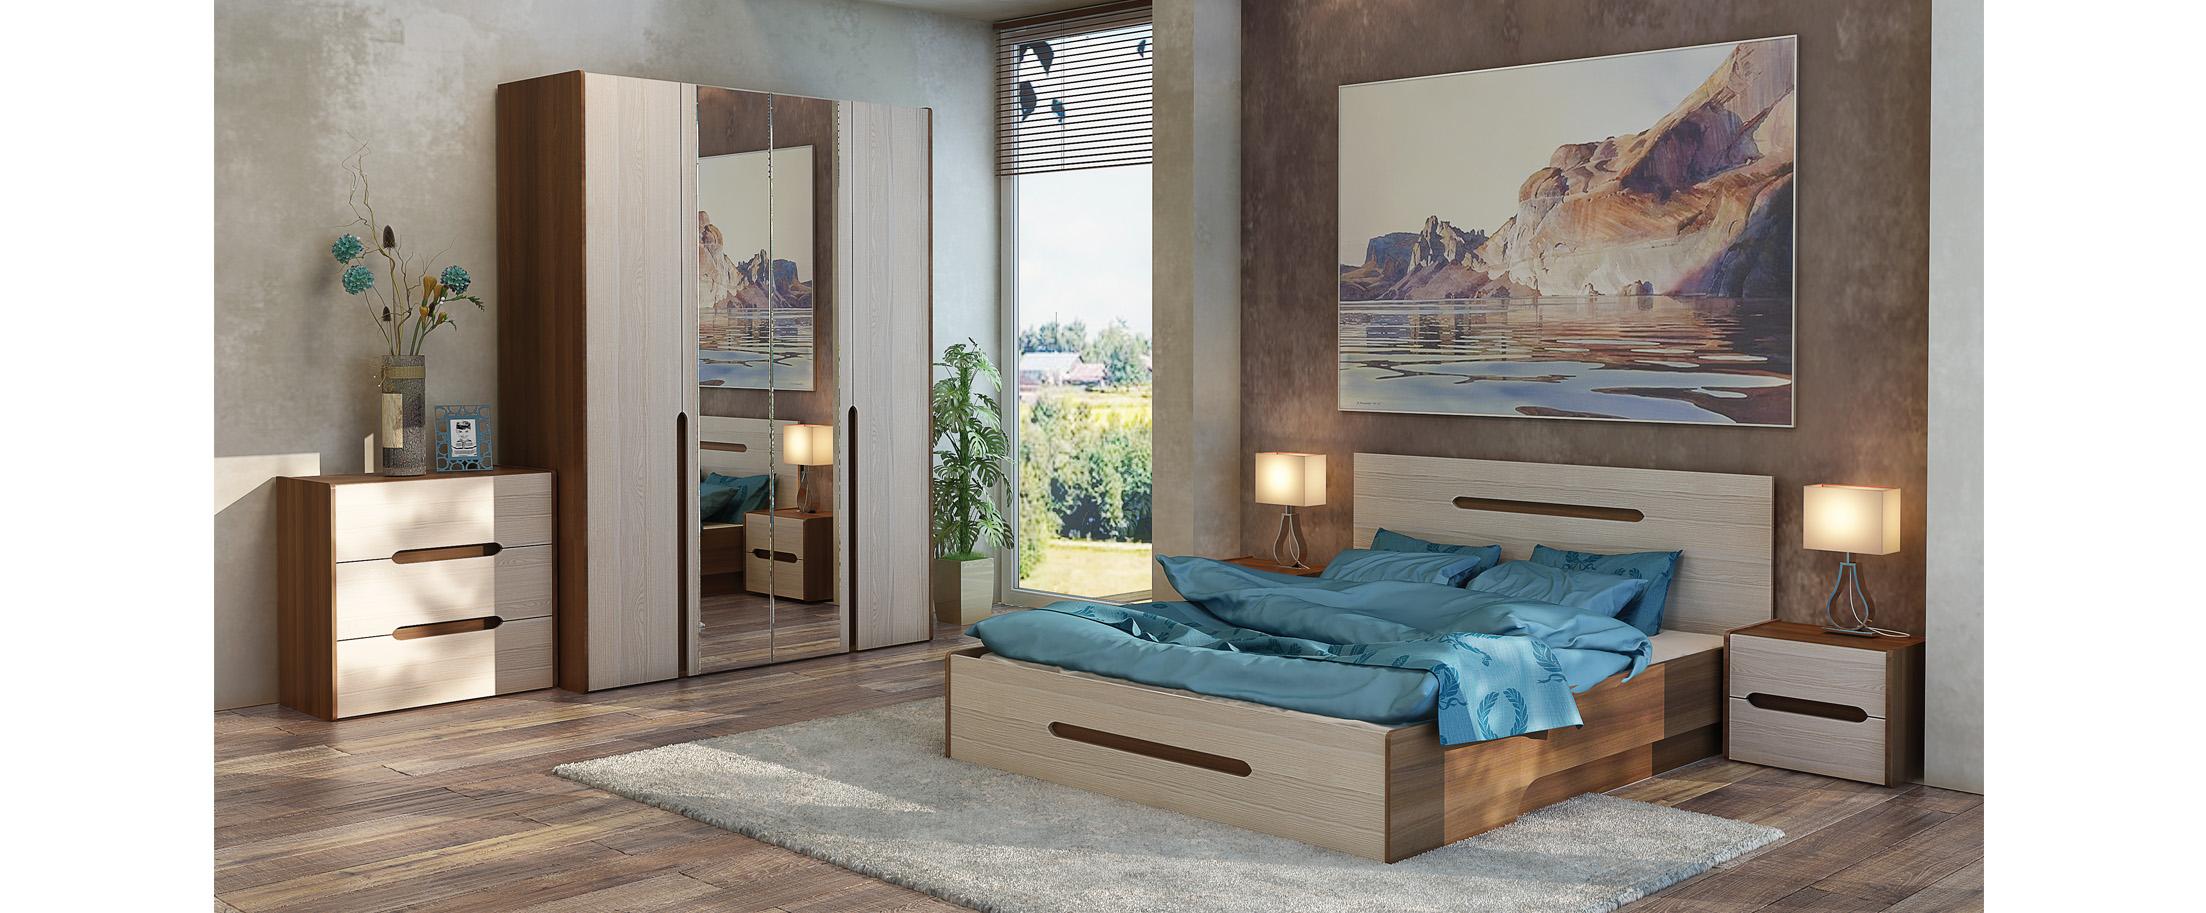 Спальня Ребекка Модель 337 от MOON TRADE